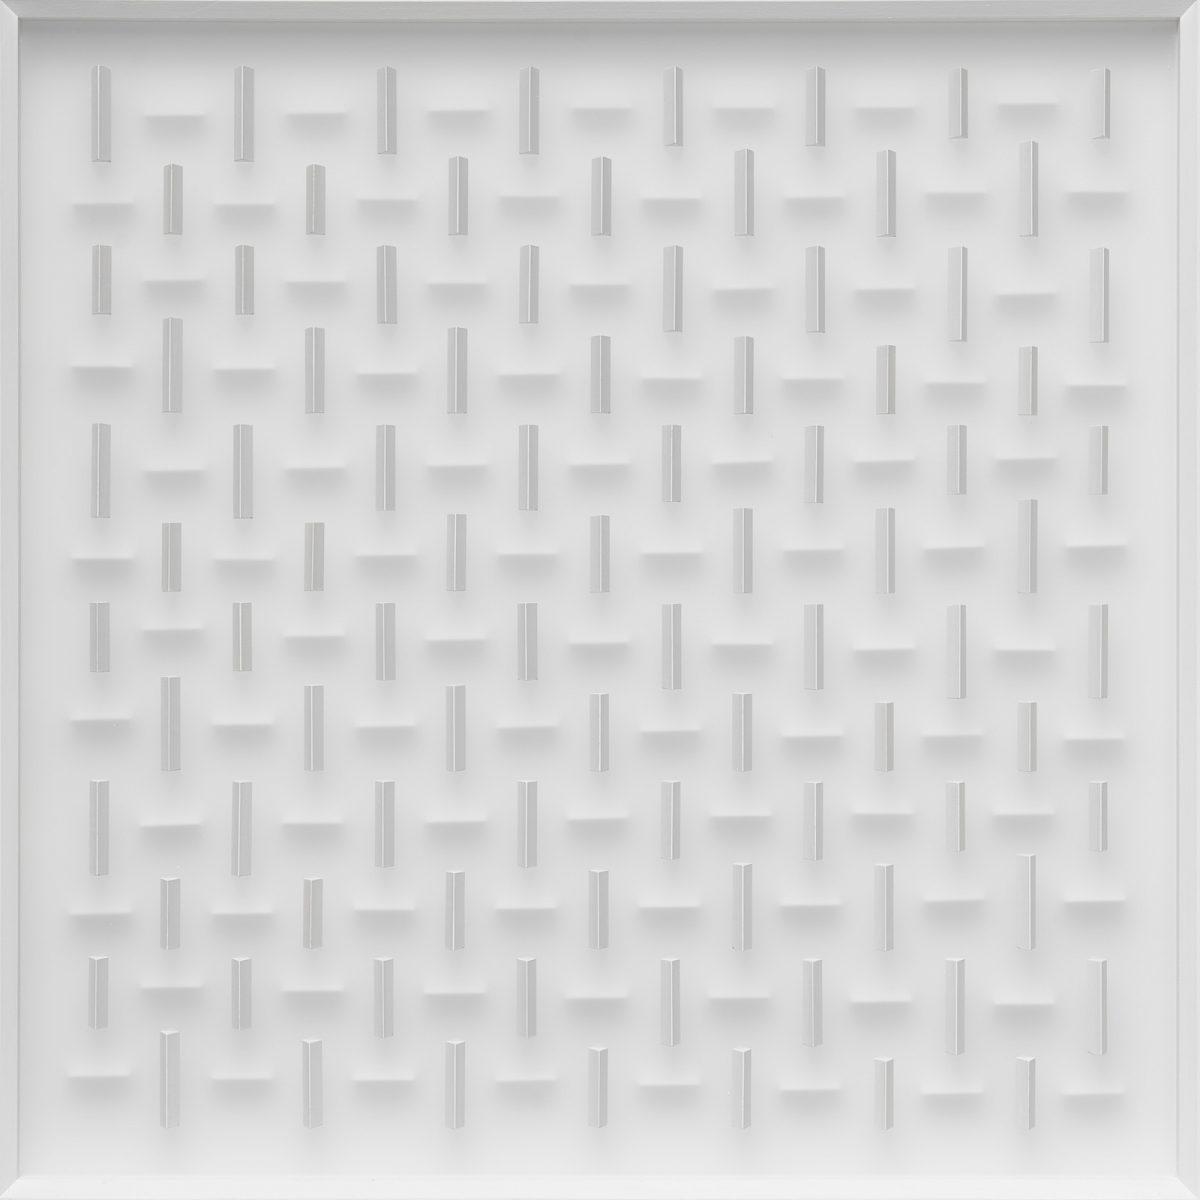 02 Klaus Staudt, Aussichten, 2018, 70 x 70 x 8cm, Holz, Acrylfarbe, Plexiglas; Foto: Norbert Miguletz